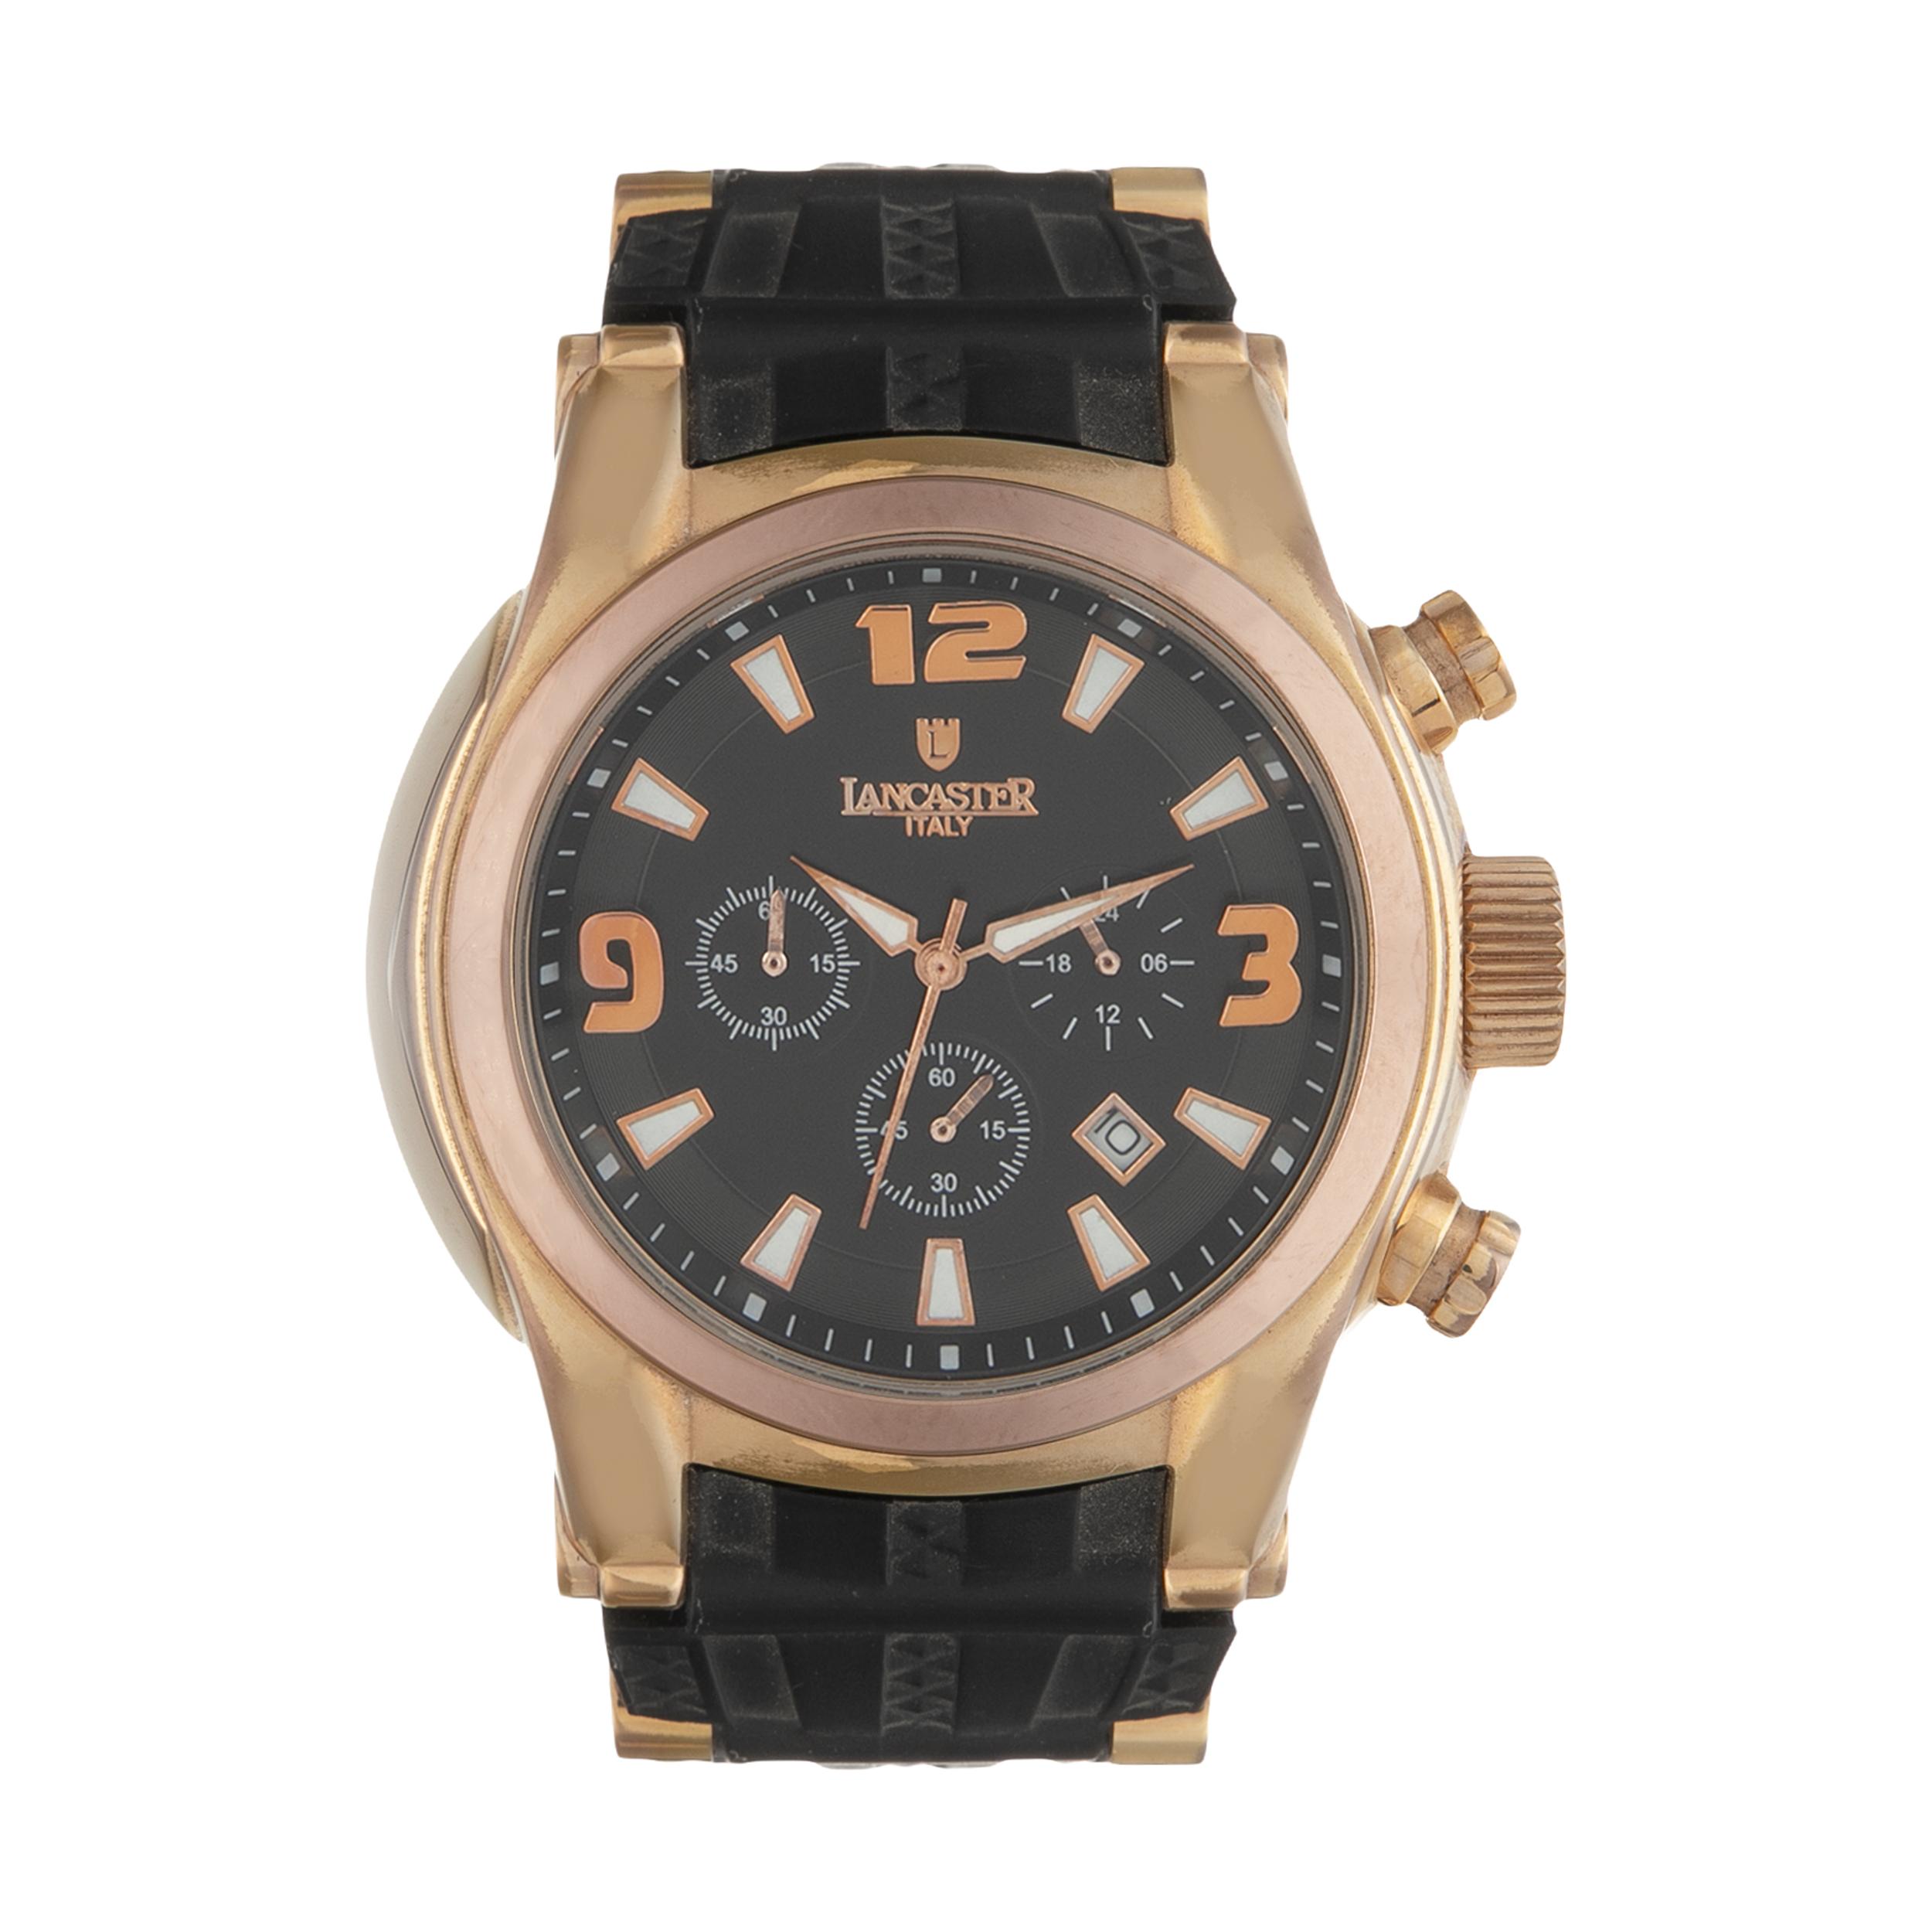 ساعت مچی عقربه ای مردانه لنکستر مدل 548RGNRNR کد 22